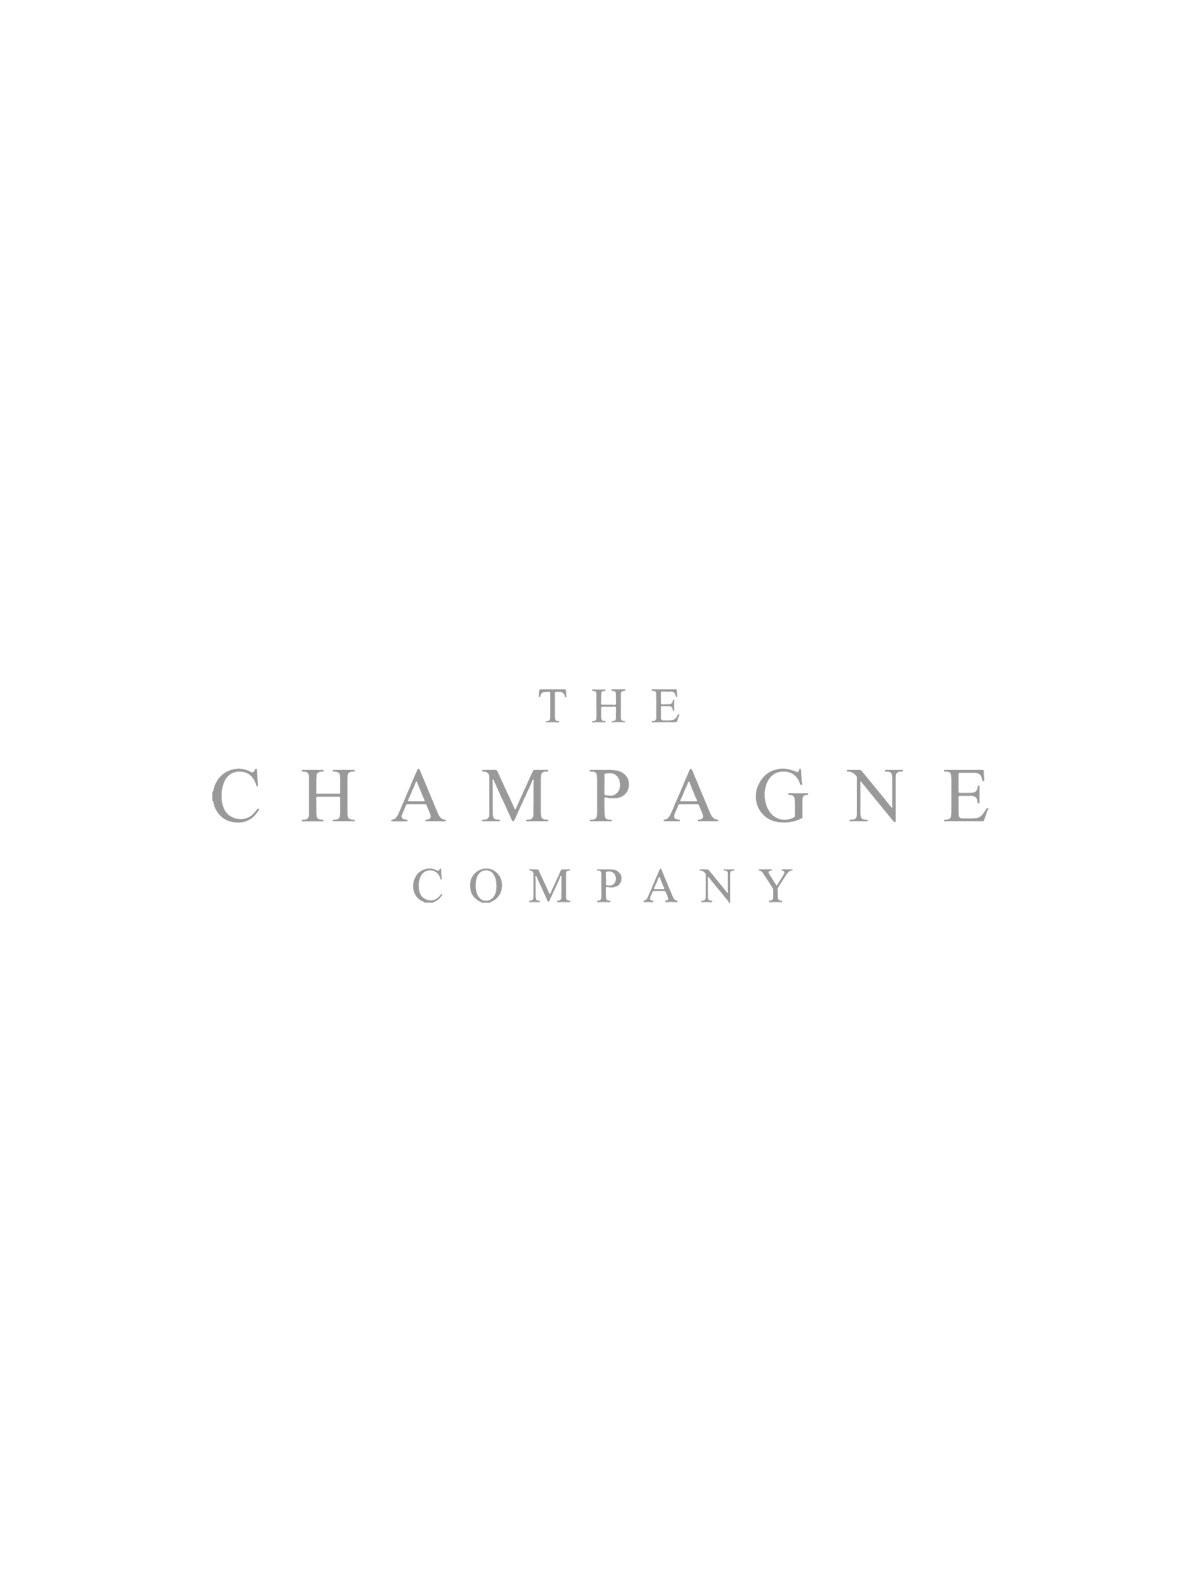 Laurent Perrier La Cuvee NV Champagne Case Deal 6x75cl & 6 LP Glasses